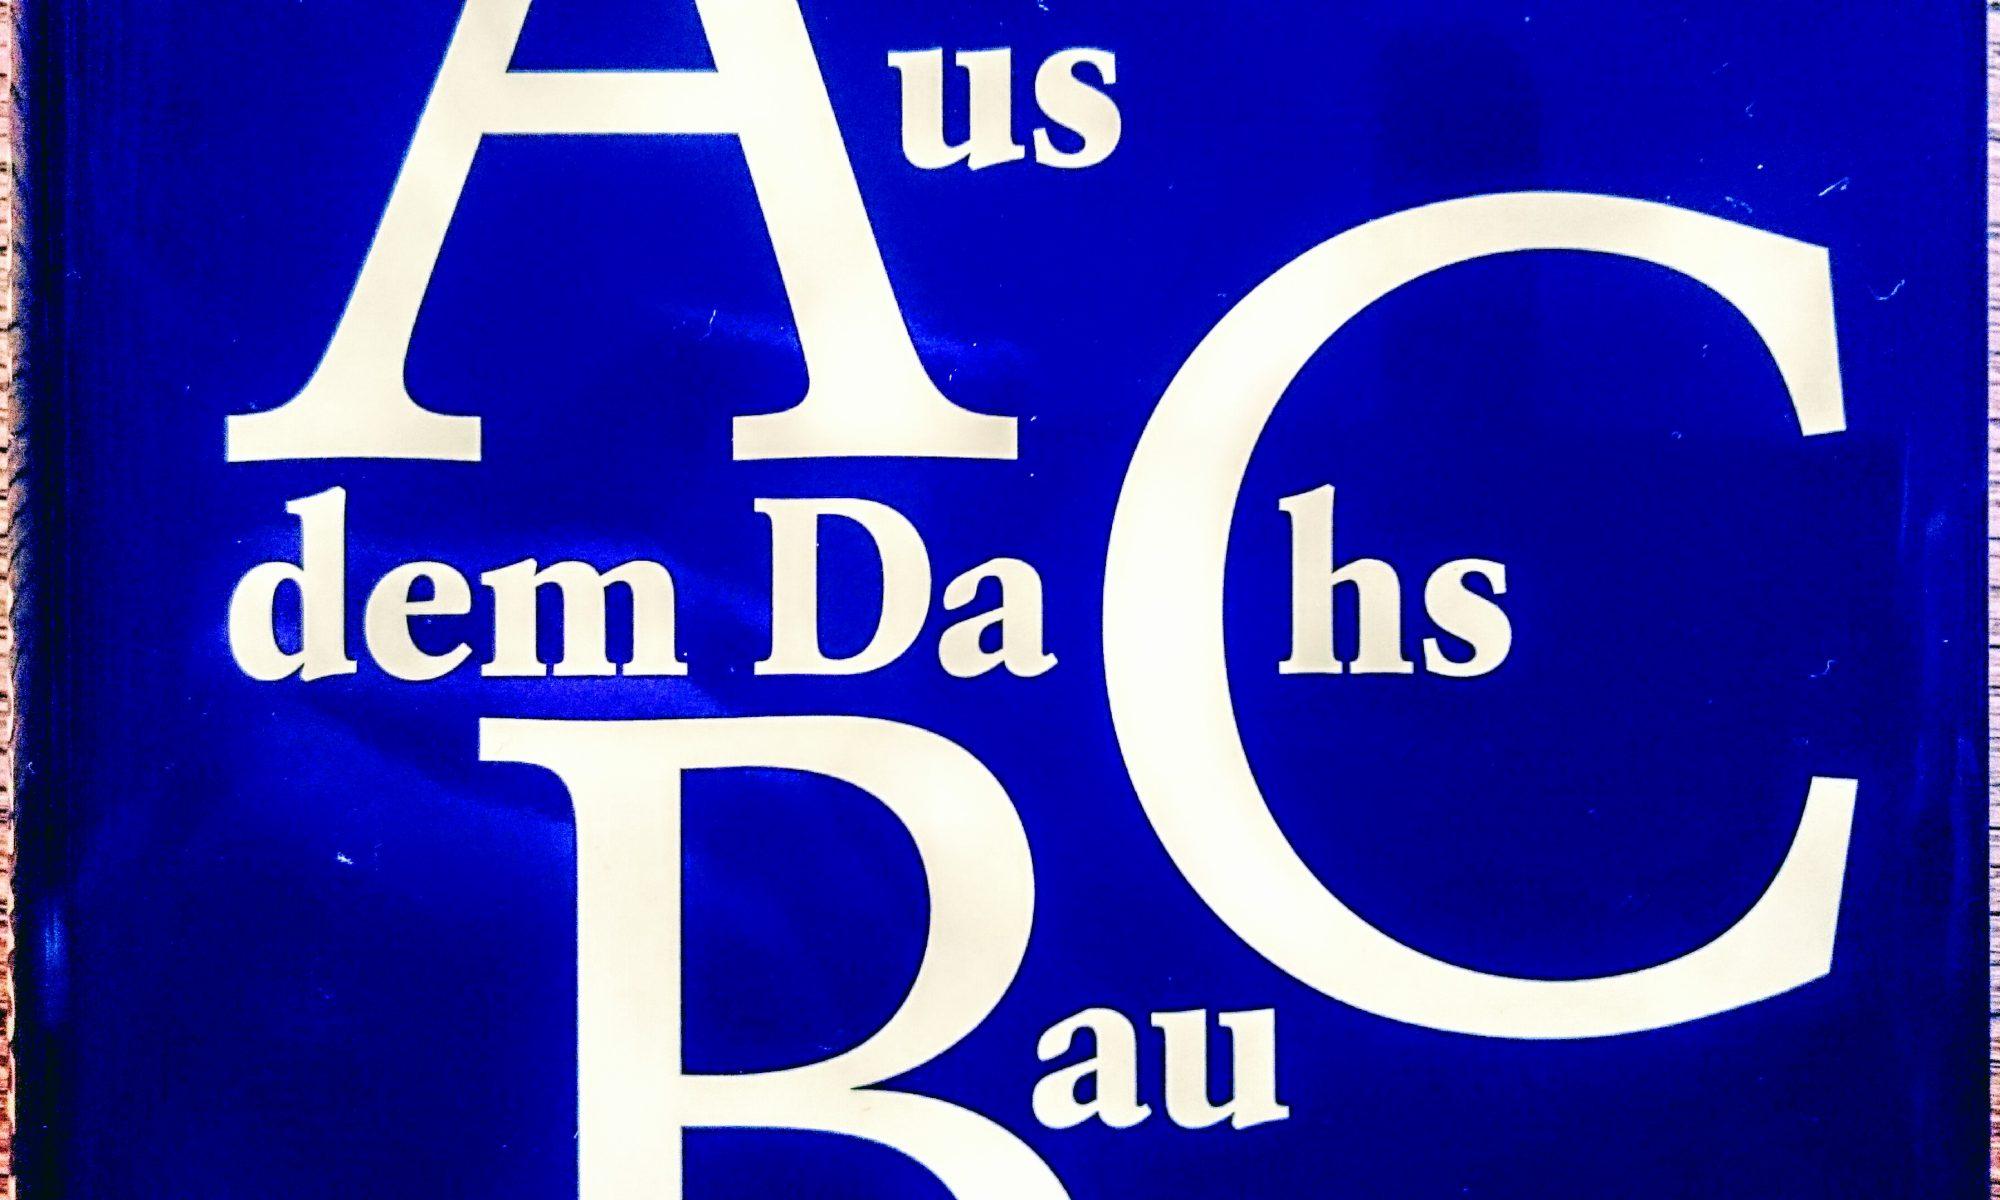 Dirk von Lowtzow, Aus dem Dachsbau, Buch, Kiepenheuer & Witsch, Hardcover, Tocotronic, Alphabet, Dachs, Pop, Hamburg